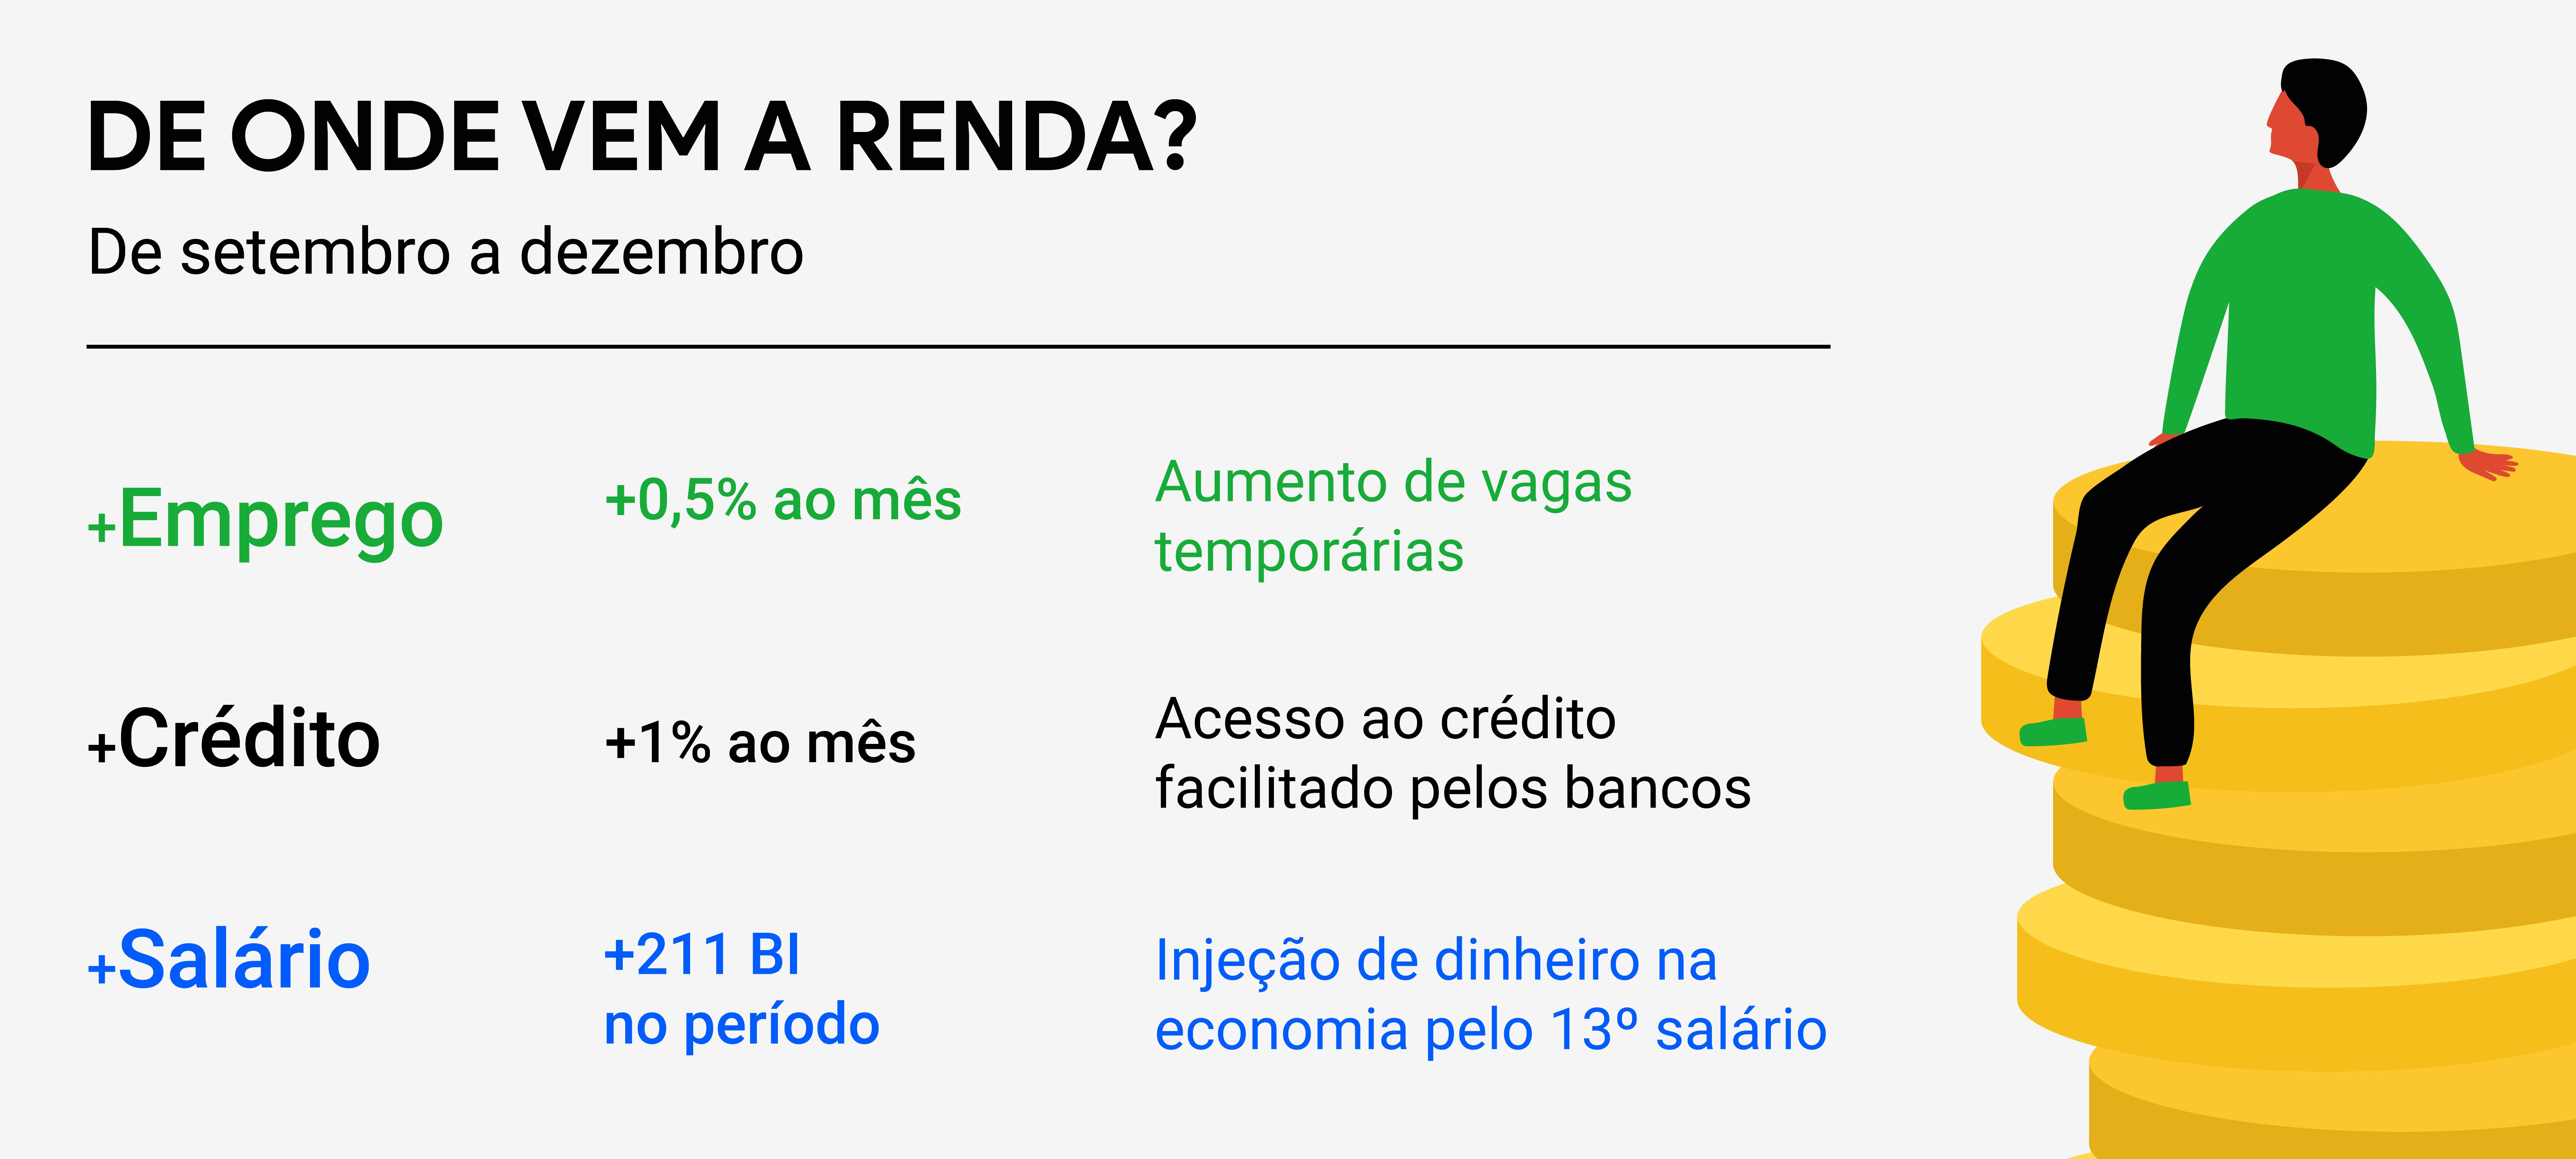 Descubra os diferentes papéis da Black Friday na vida do brasileiro